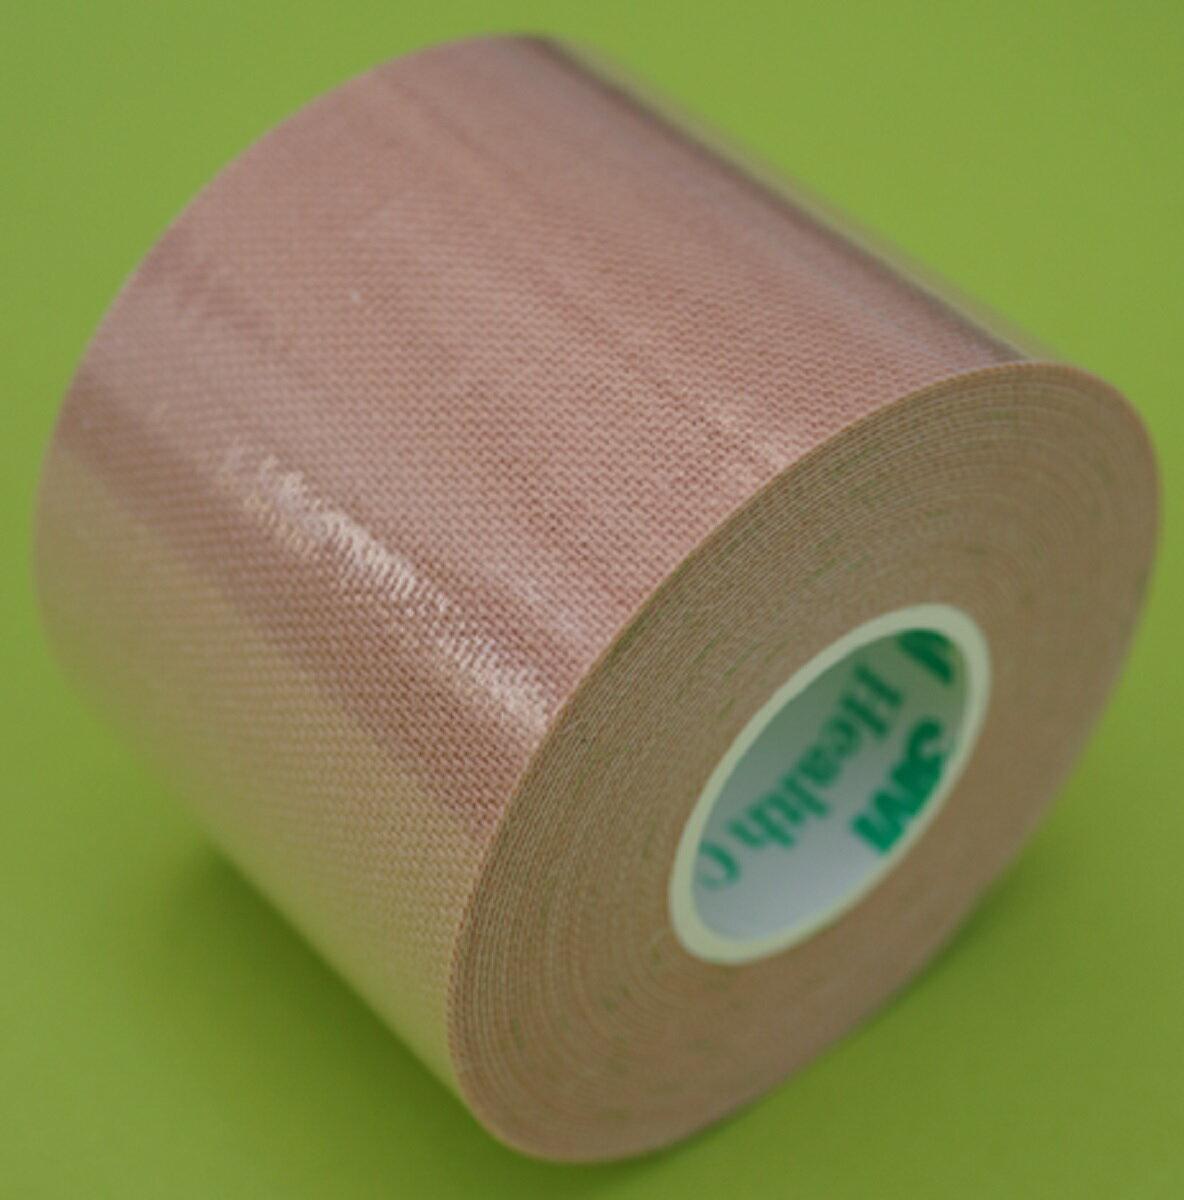 マルチポア・スポーツレギュラー伸縮固定テープ50mmテーピングテープサンブリッジボウリング用品ボーリ